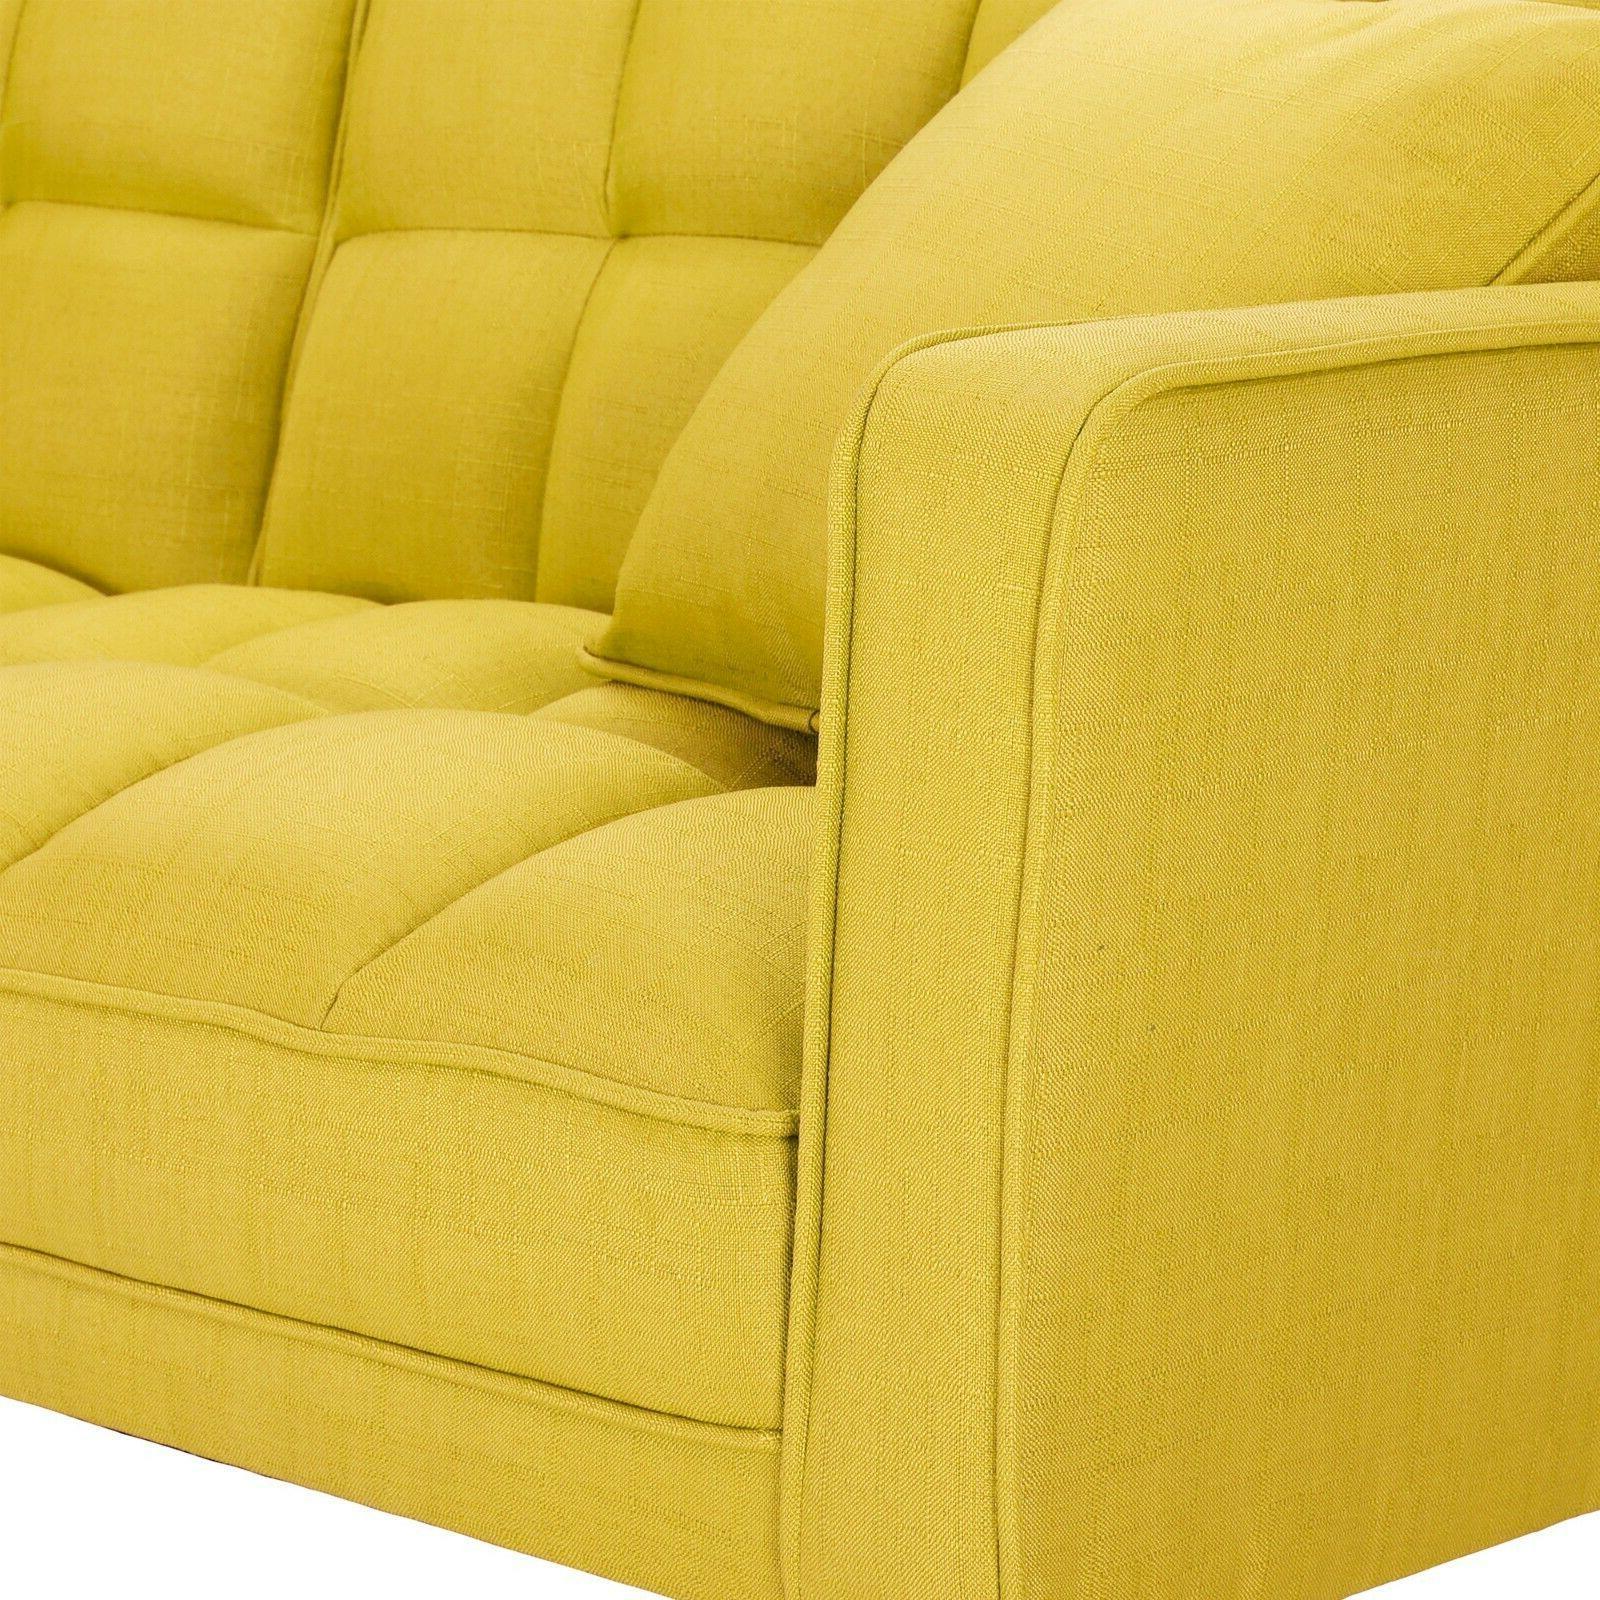 Modern Futon With 2 Pillows Sofa USA